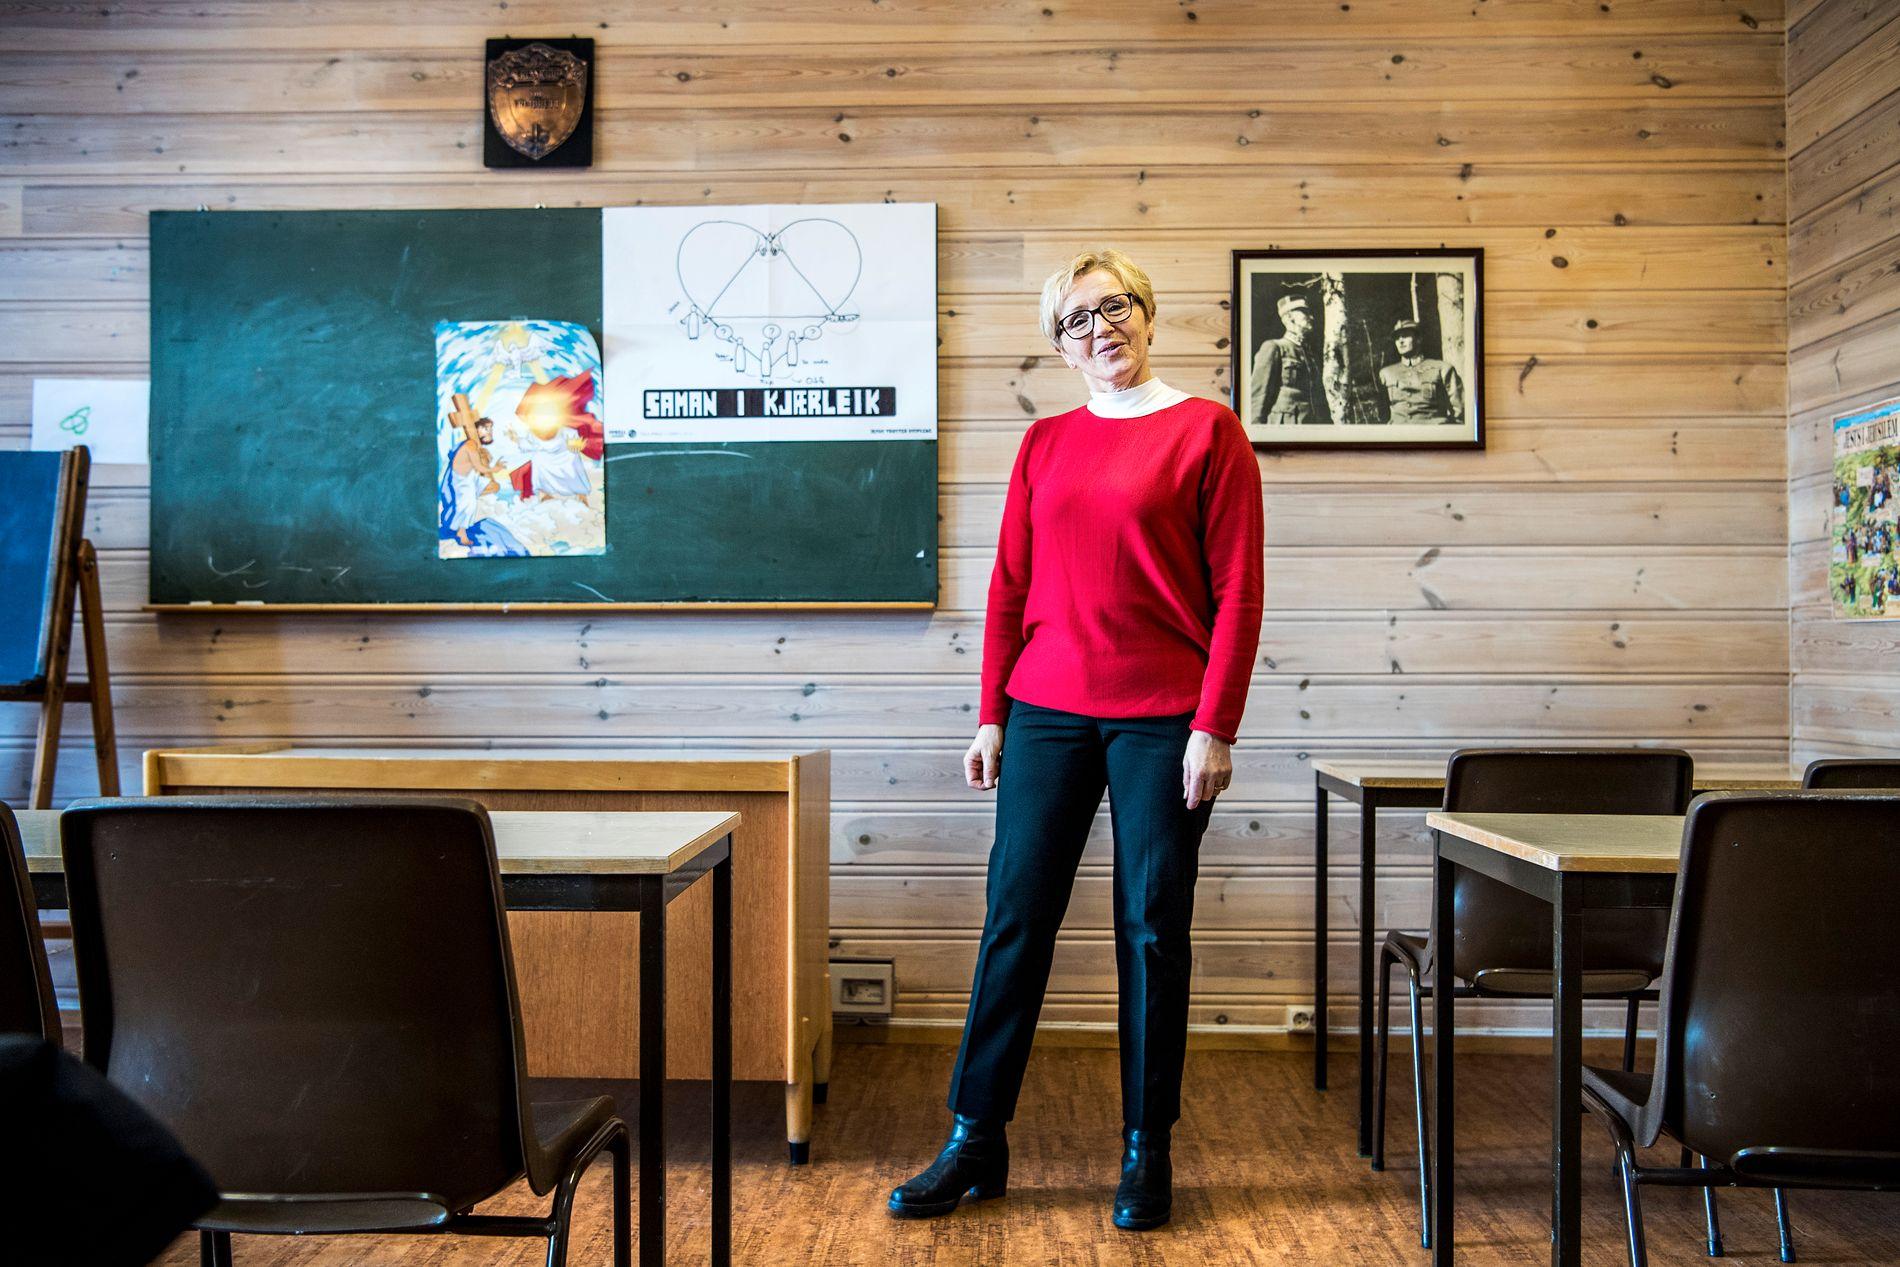 GIKK PÅ GRENDESKOLE: Sp-politiker Liv Signe Navarsete viser VG den nedlagte Gjesthaugen skule som hun selv gikk på i Sogndalsdalen i Sogn. Skolen fungerer nå som grendehus og søndagsskole.